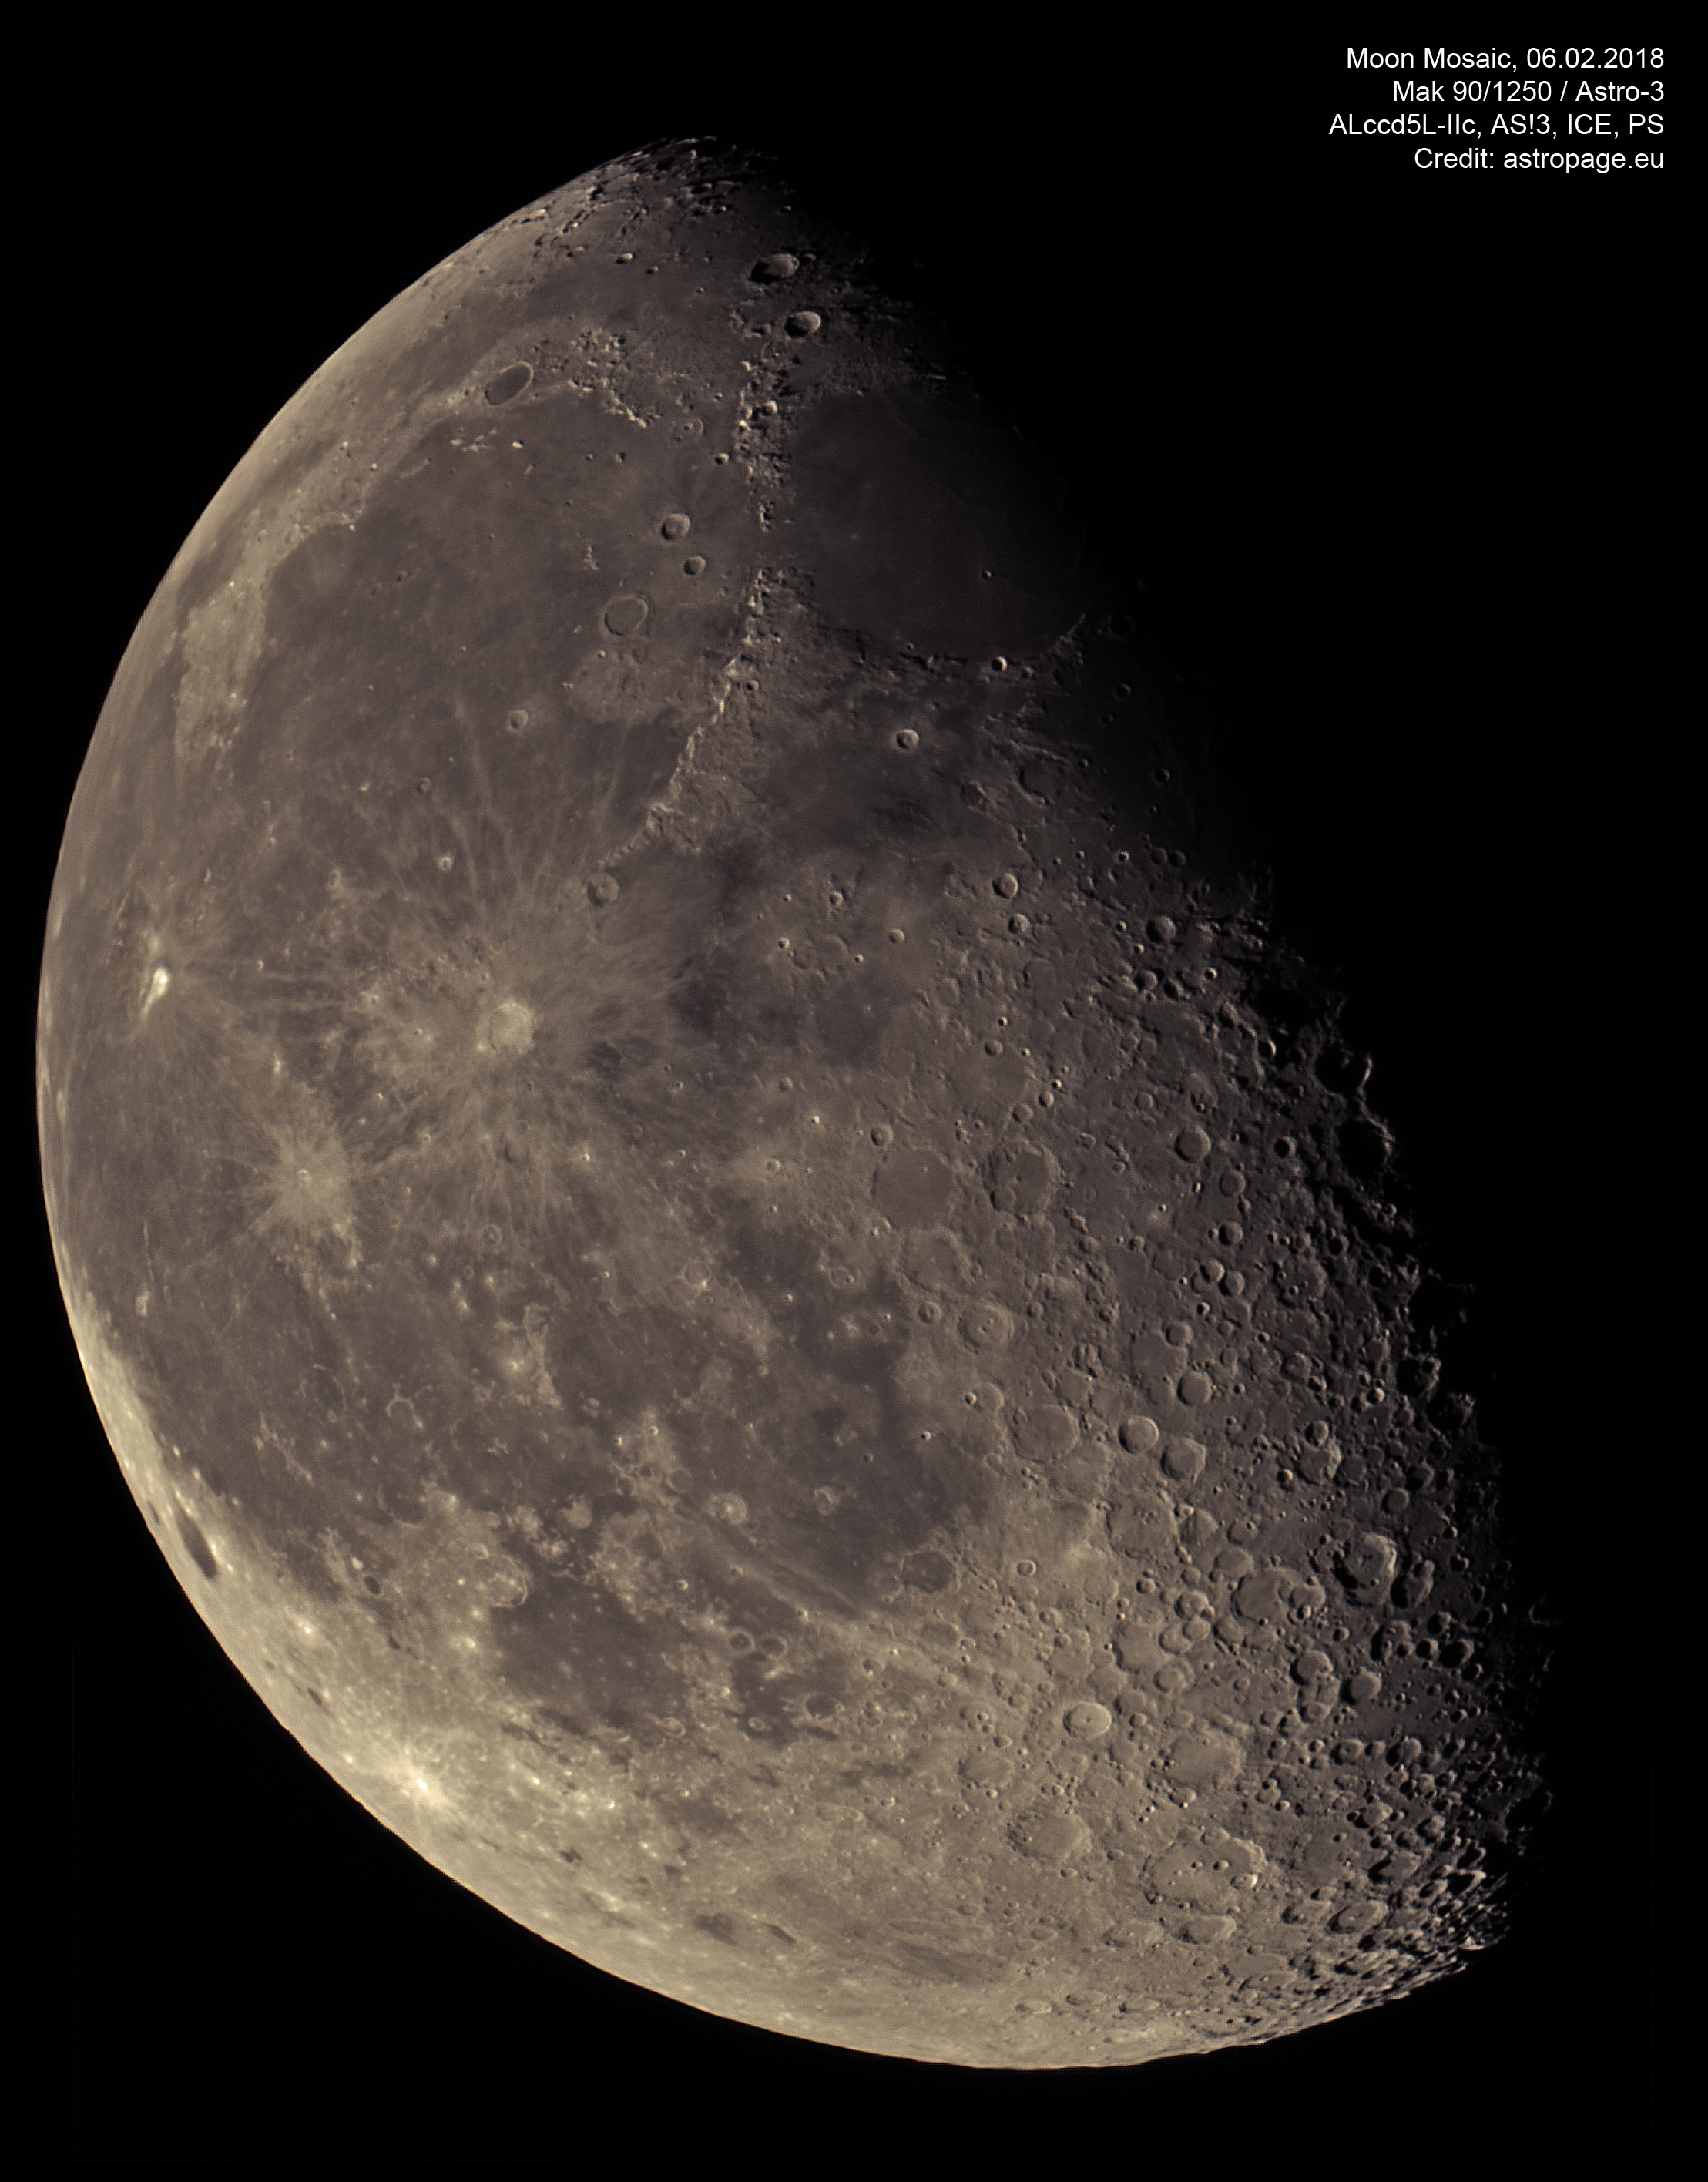 Mond Mosaik vom 6. Februar 2018, ungünstiges Seeing. (Credit: astropage.eu)